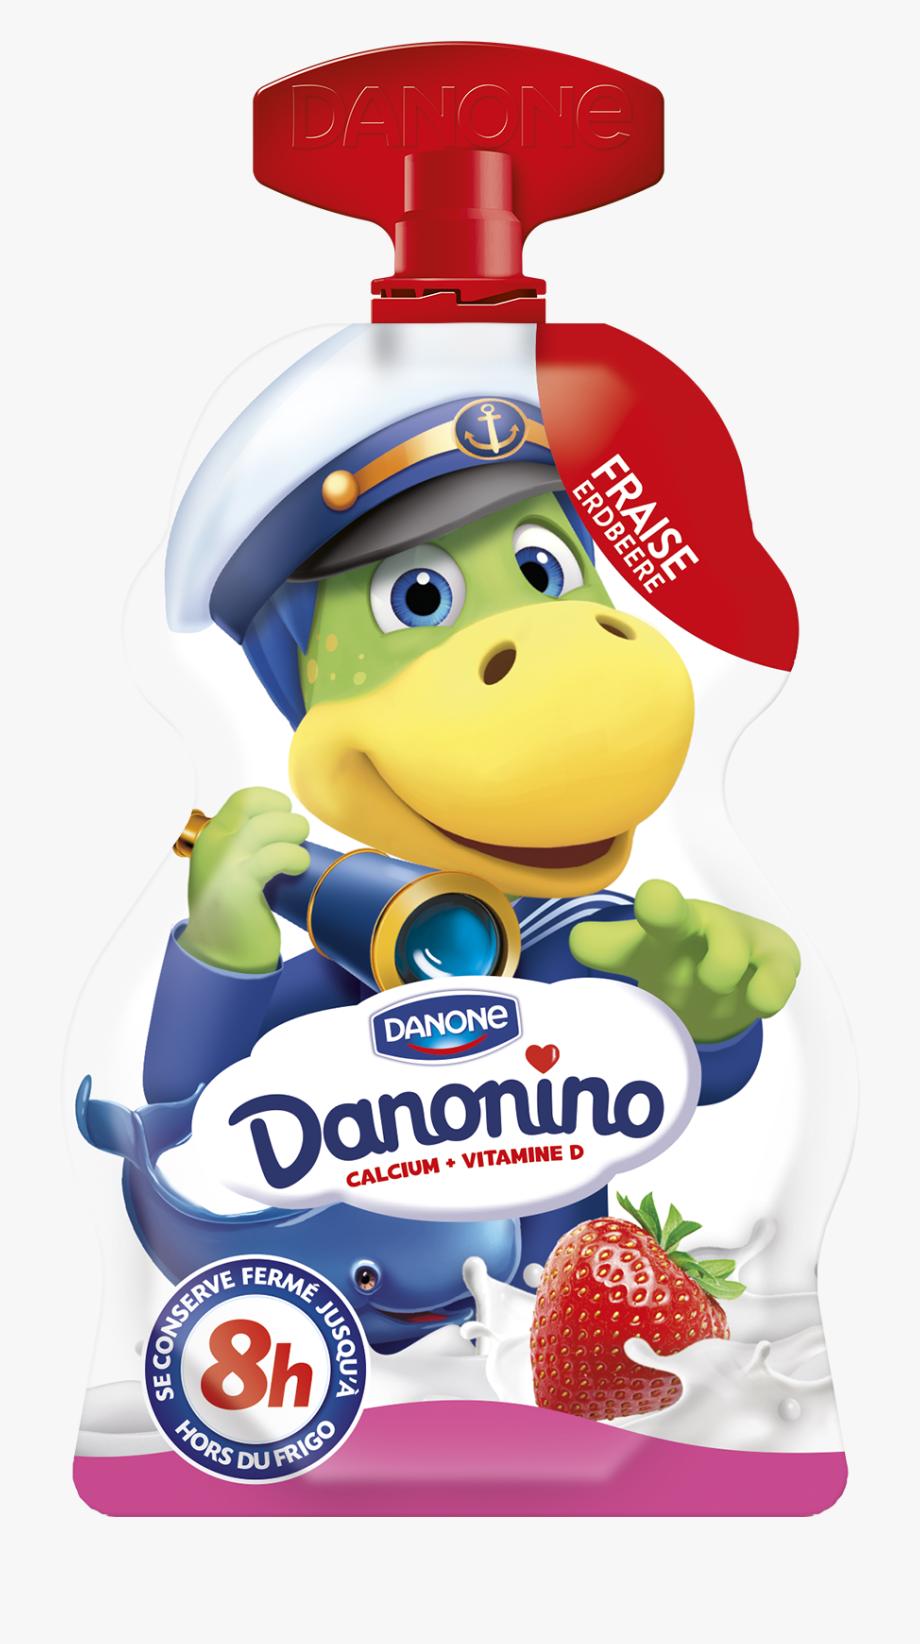 Danone Danonino Strawberry Yogurt Drink.